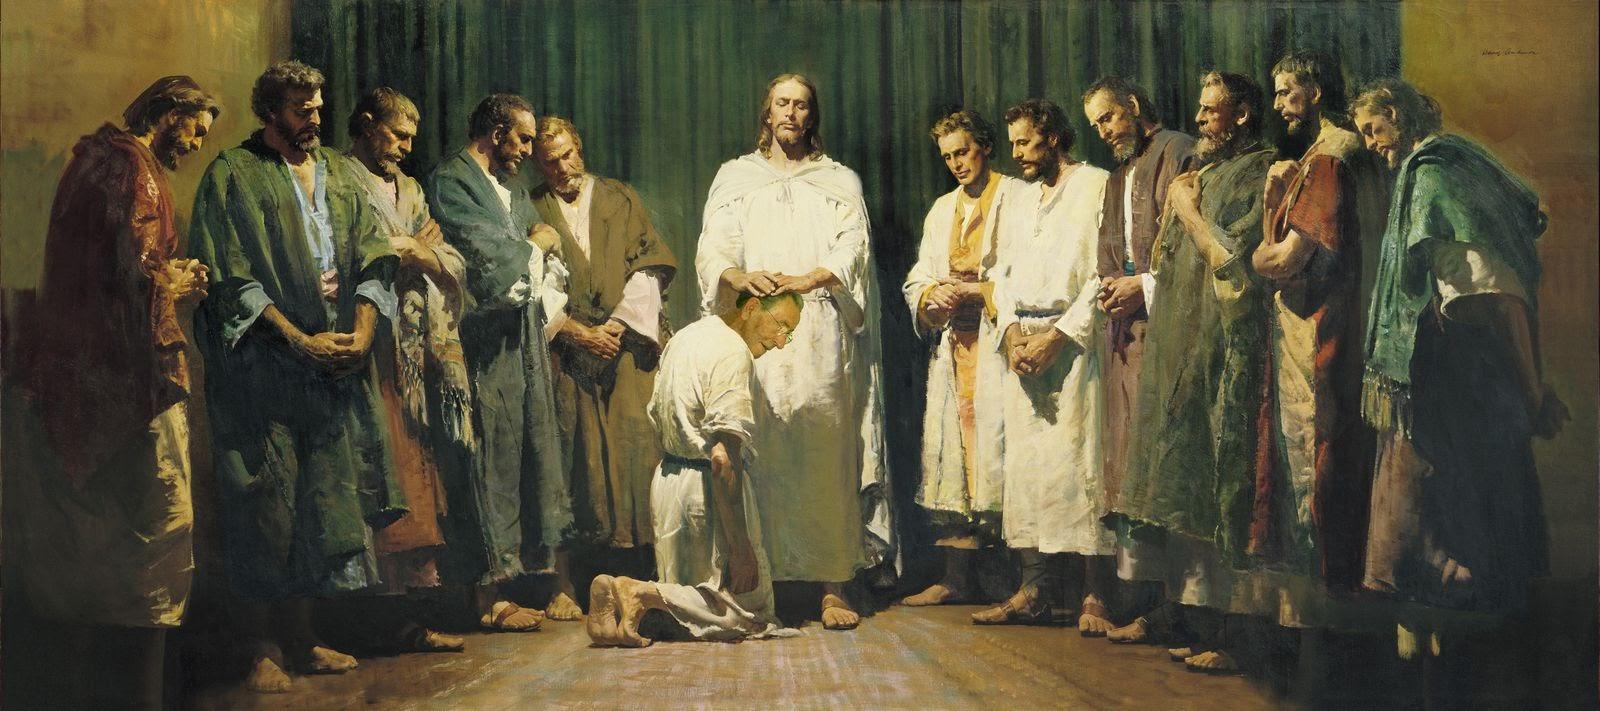 Picasa - Vitoriano con los apóstoles.jpg